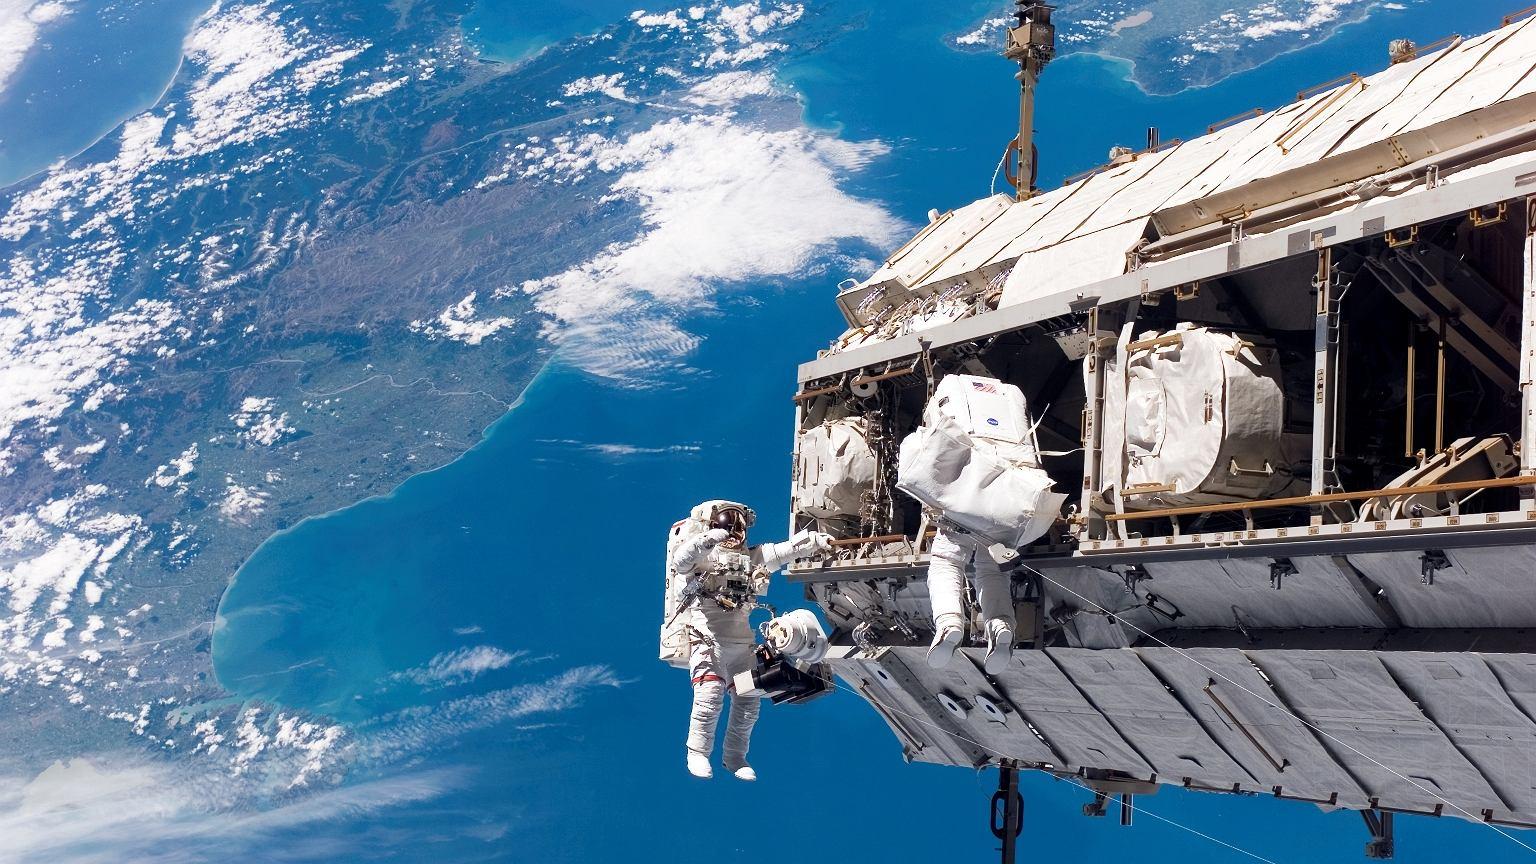 Pierwsze moduły ISS zostały wyniesione na orbitę w 1998 roku